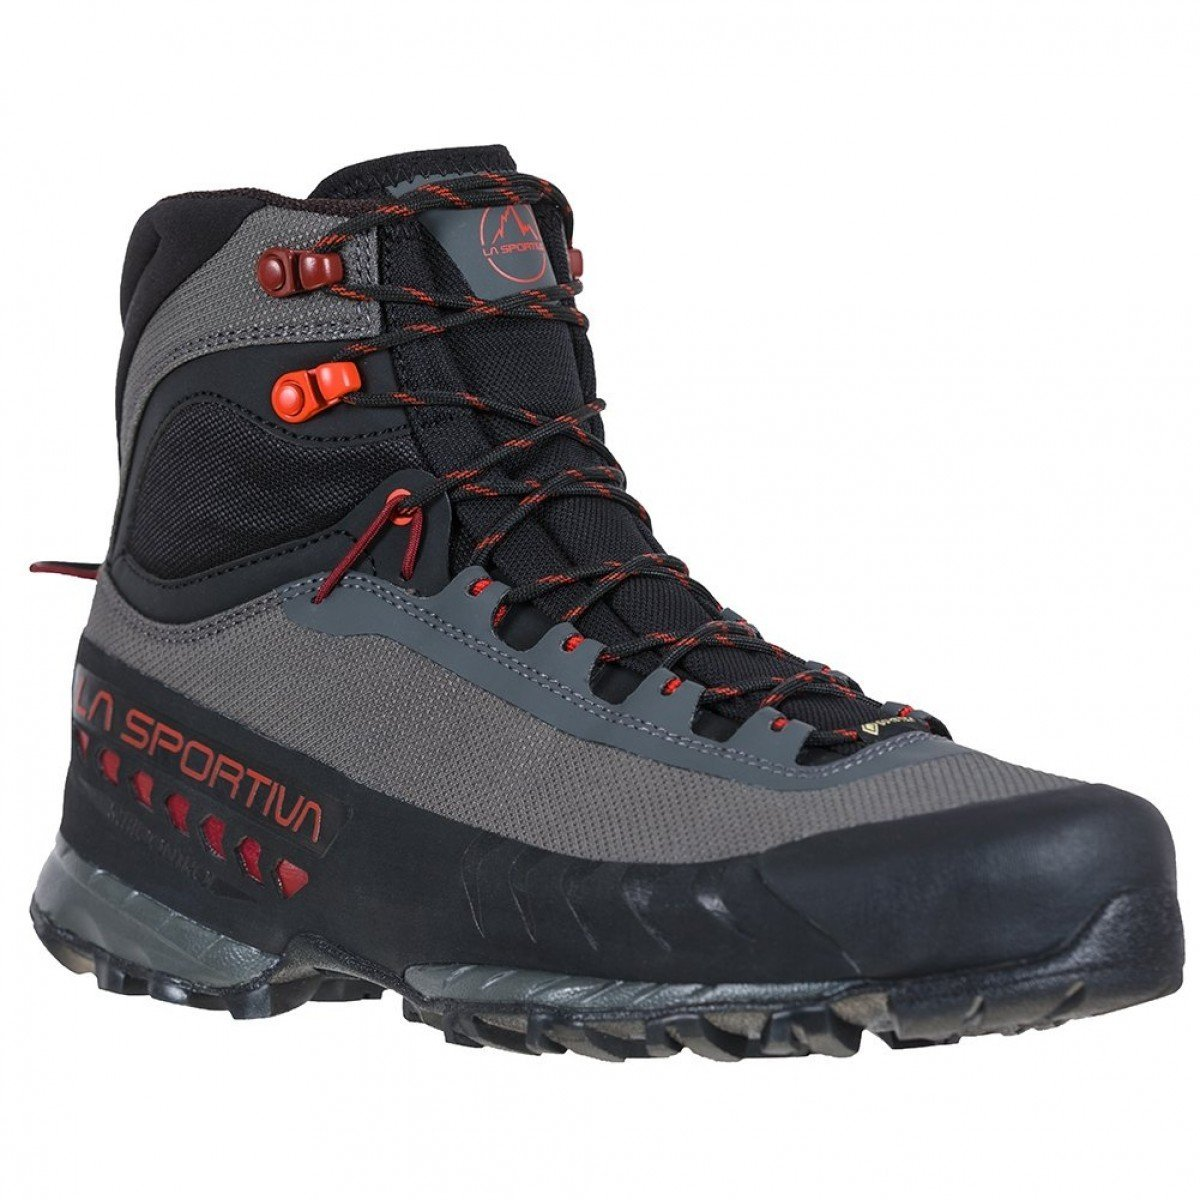 La Sportiva TXS GTX Hiking Boots